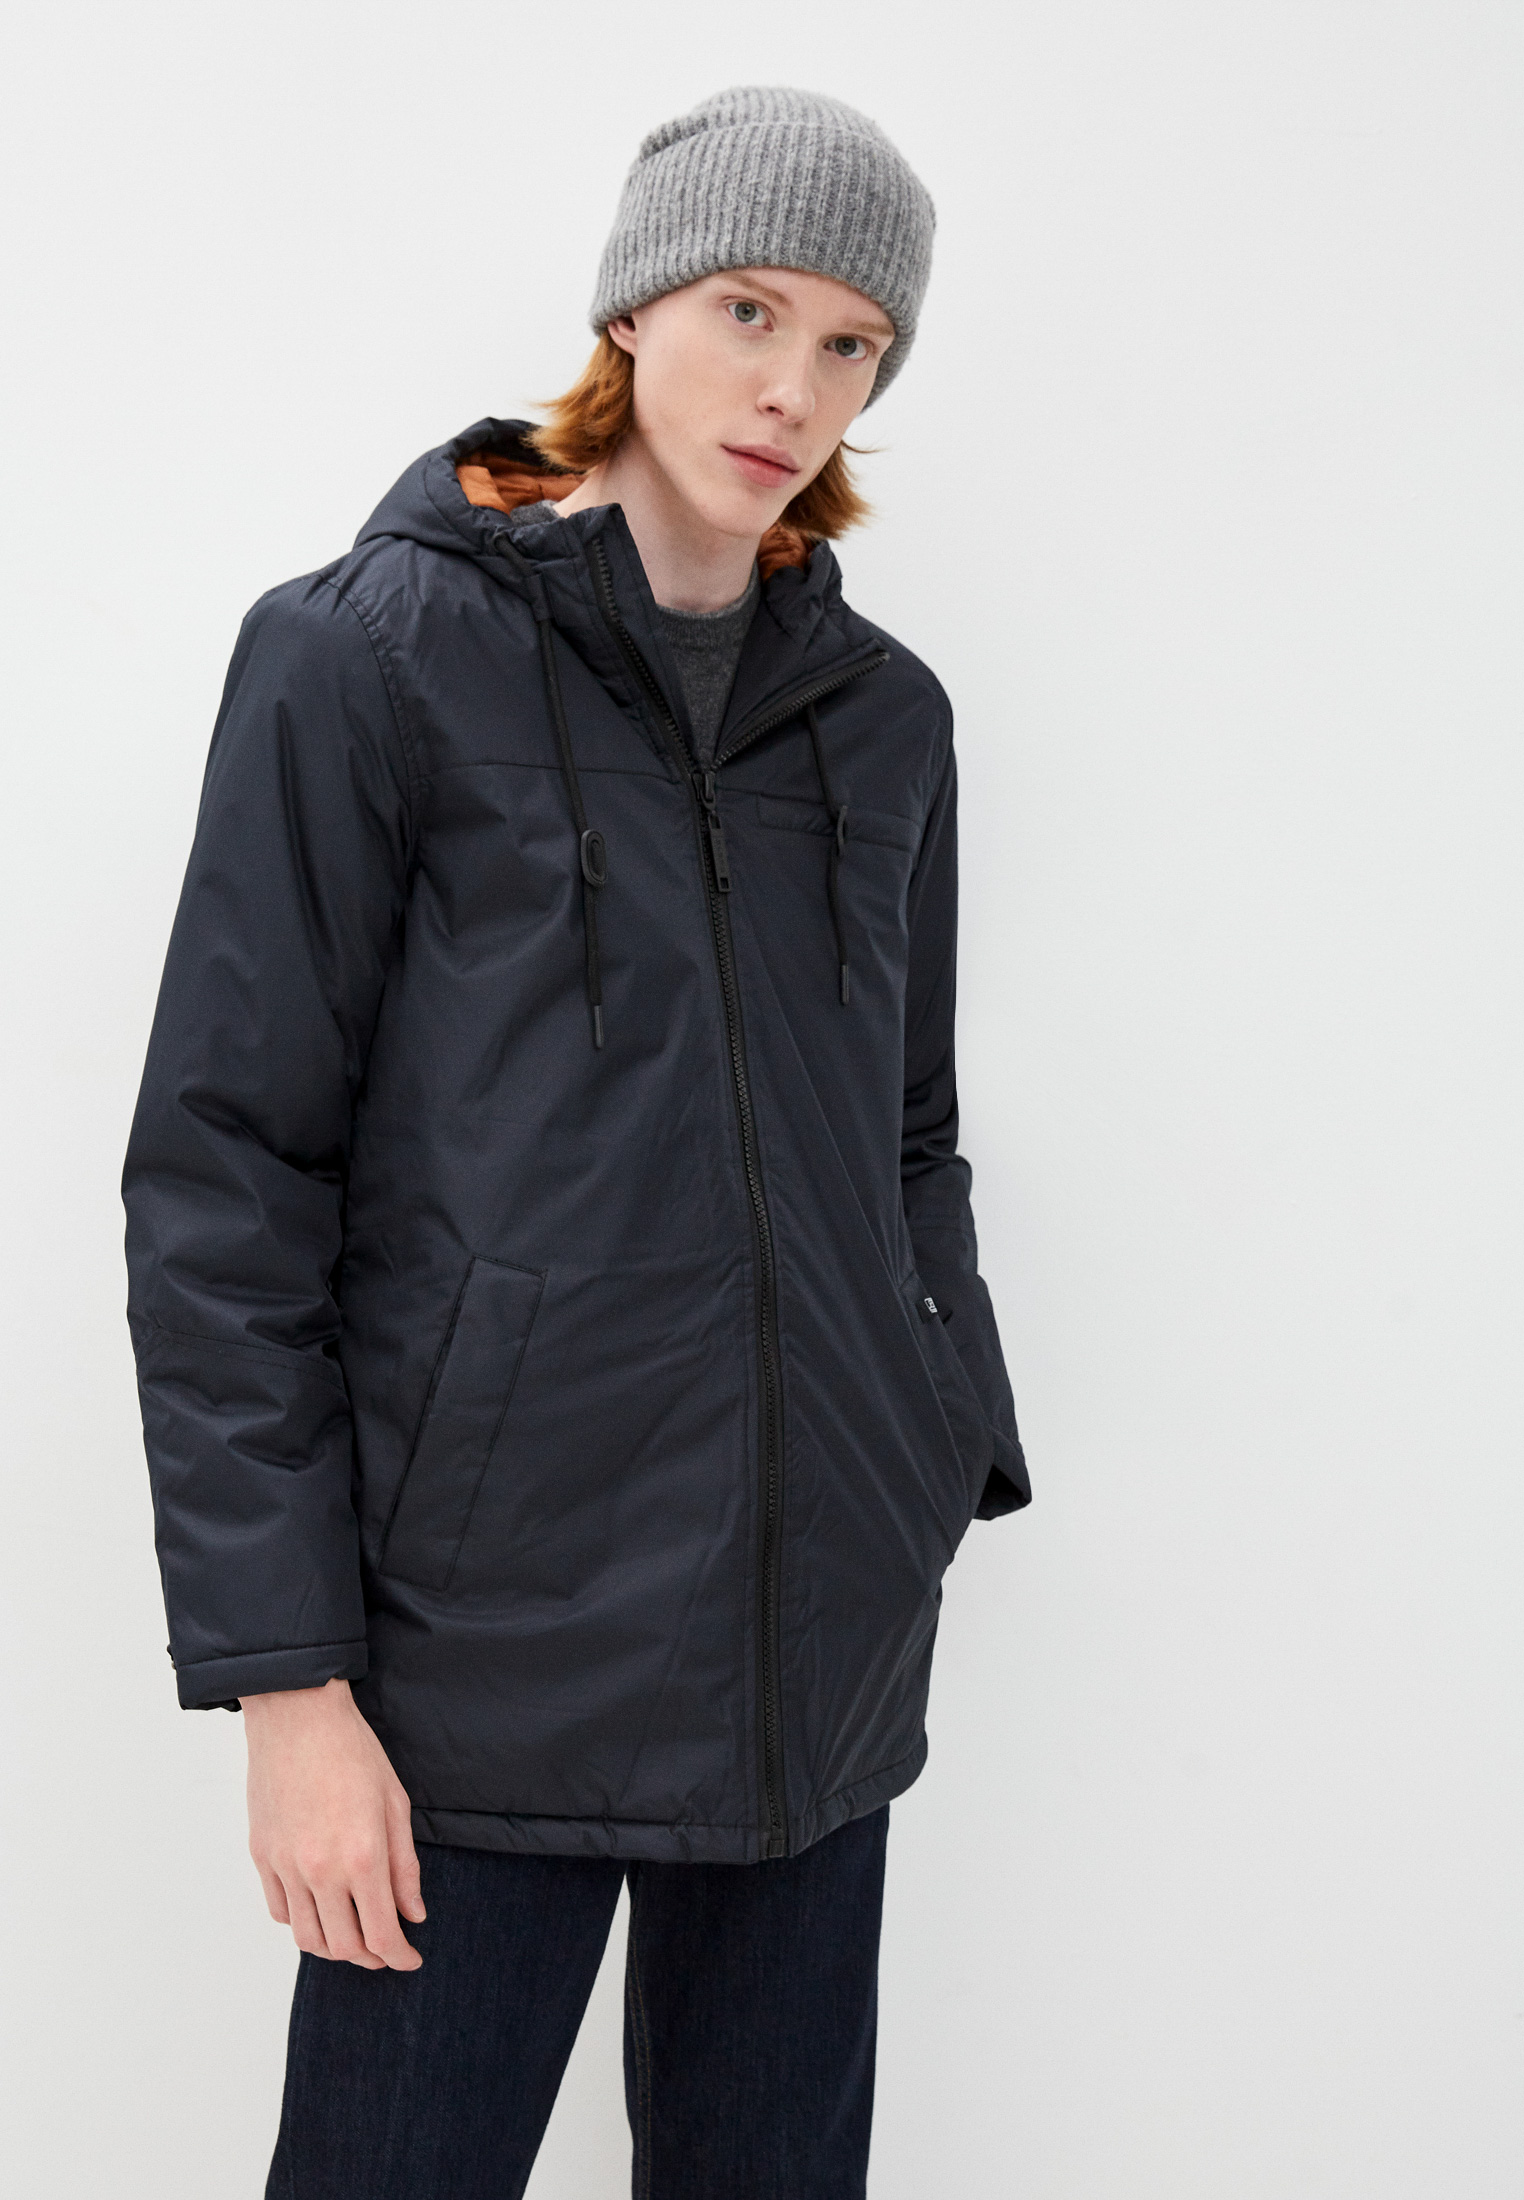 Утепленная куртка Blend (Бленд) Куртка утепленная Blend